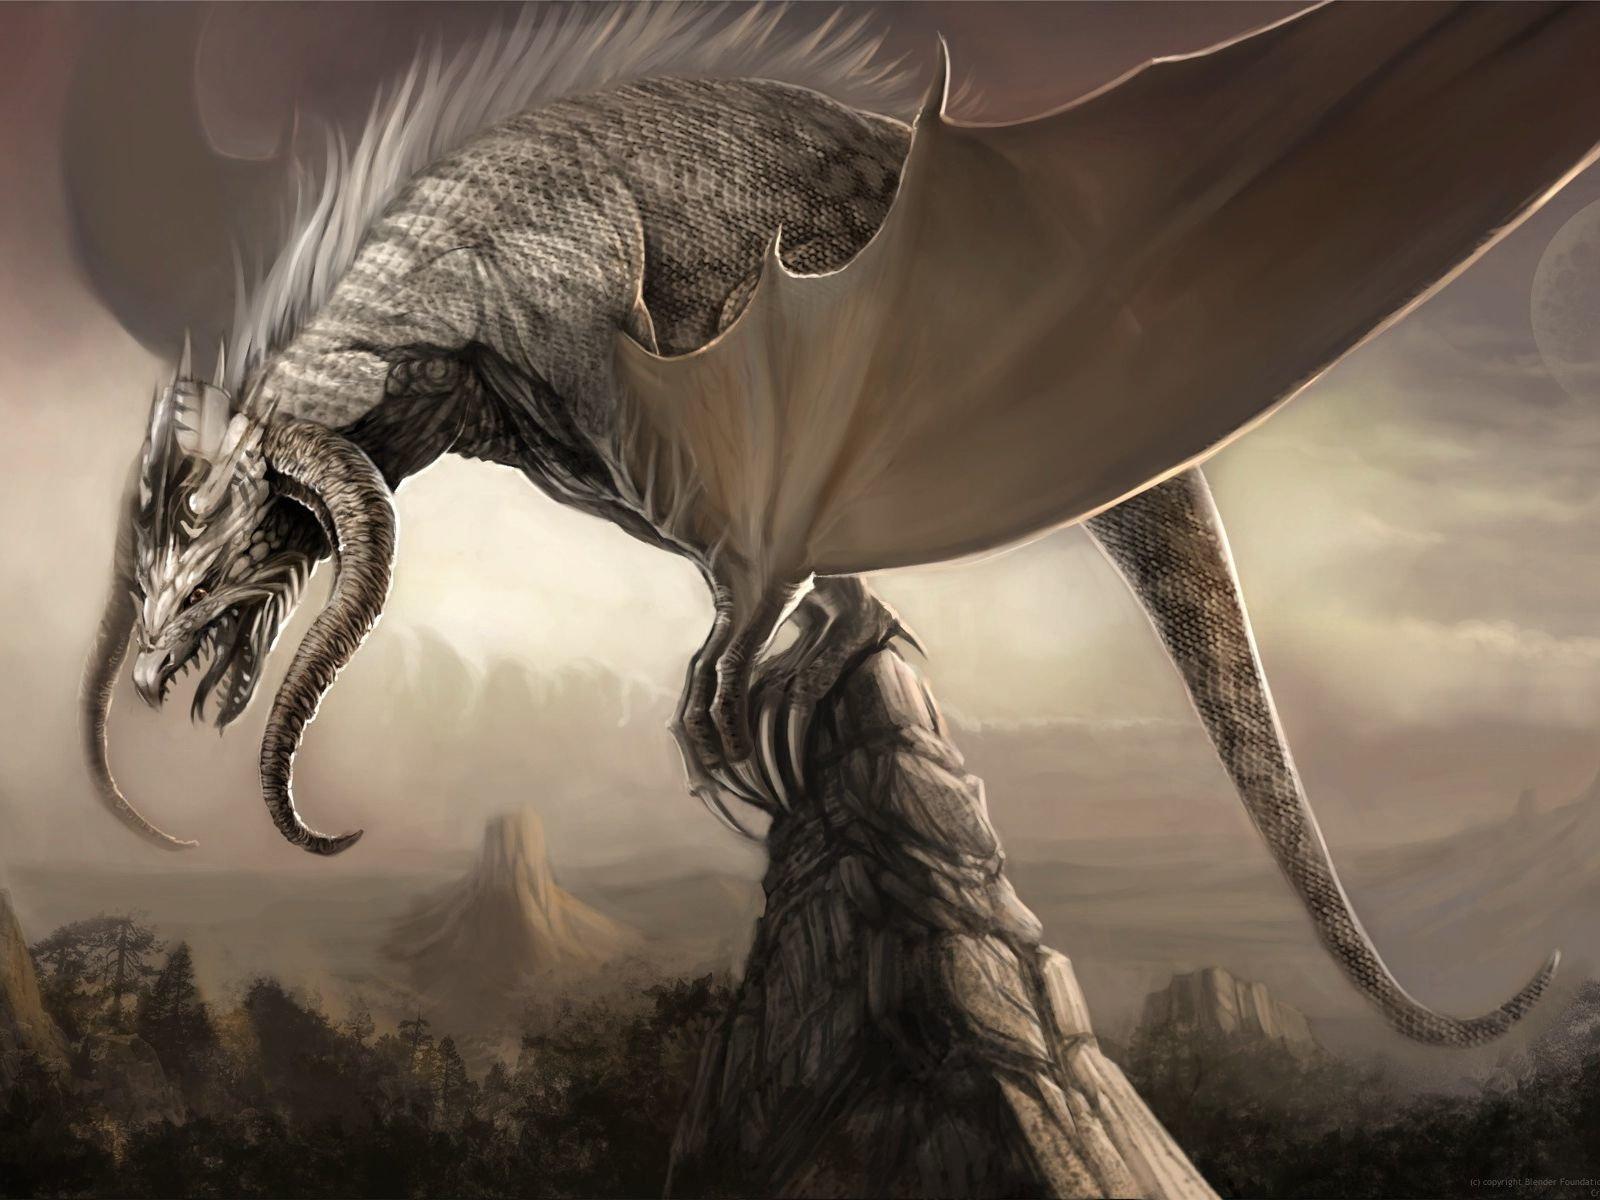 dragon wallpaper 1600x1200 - photo #20